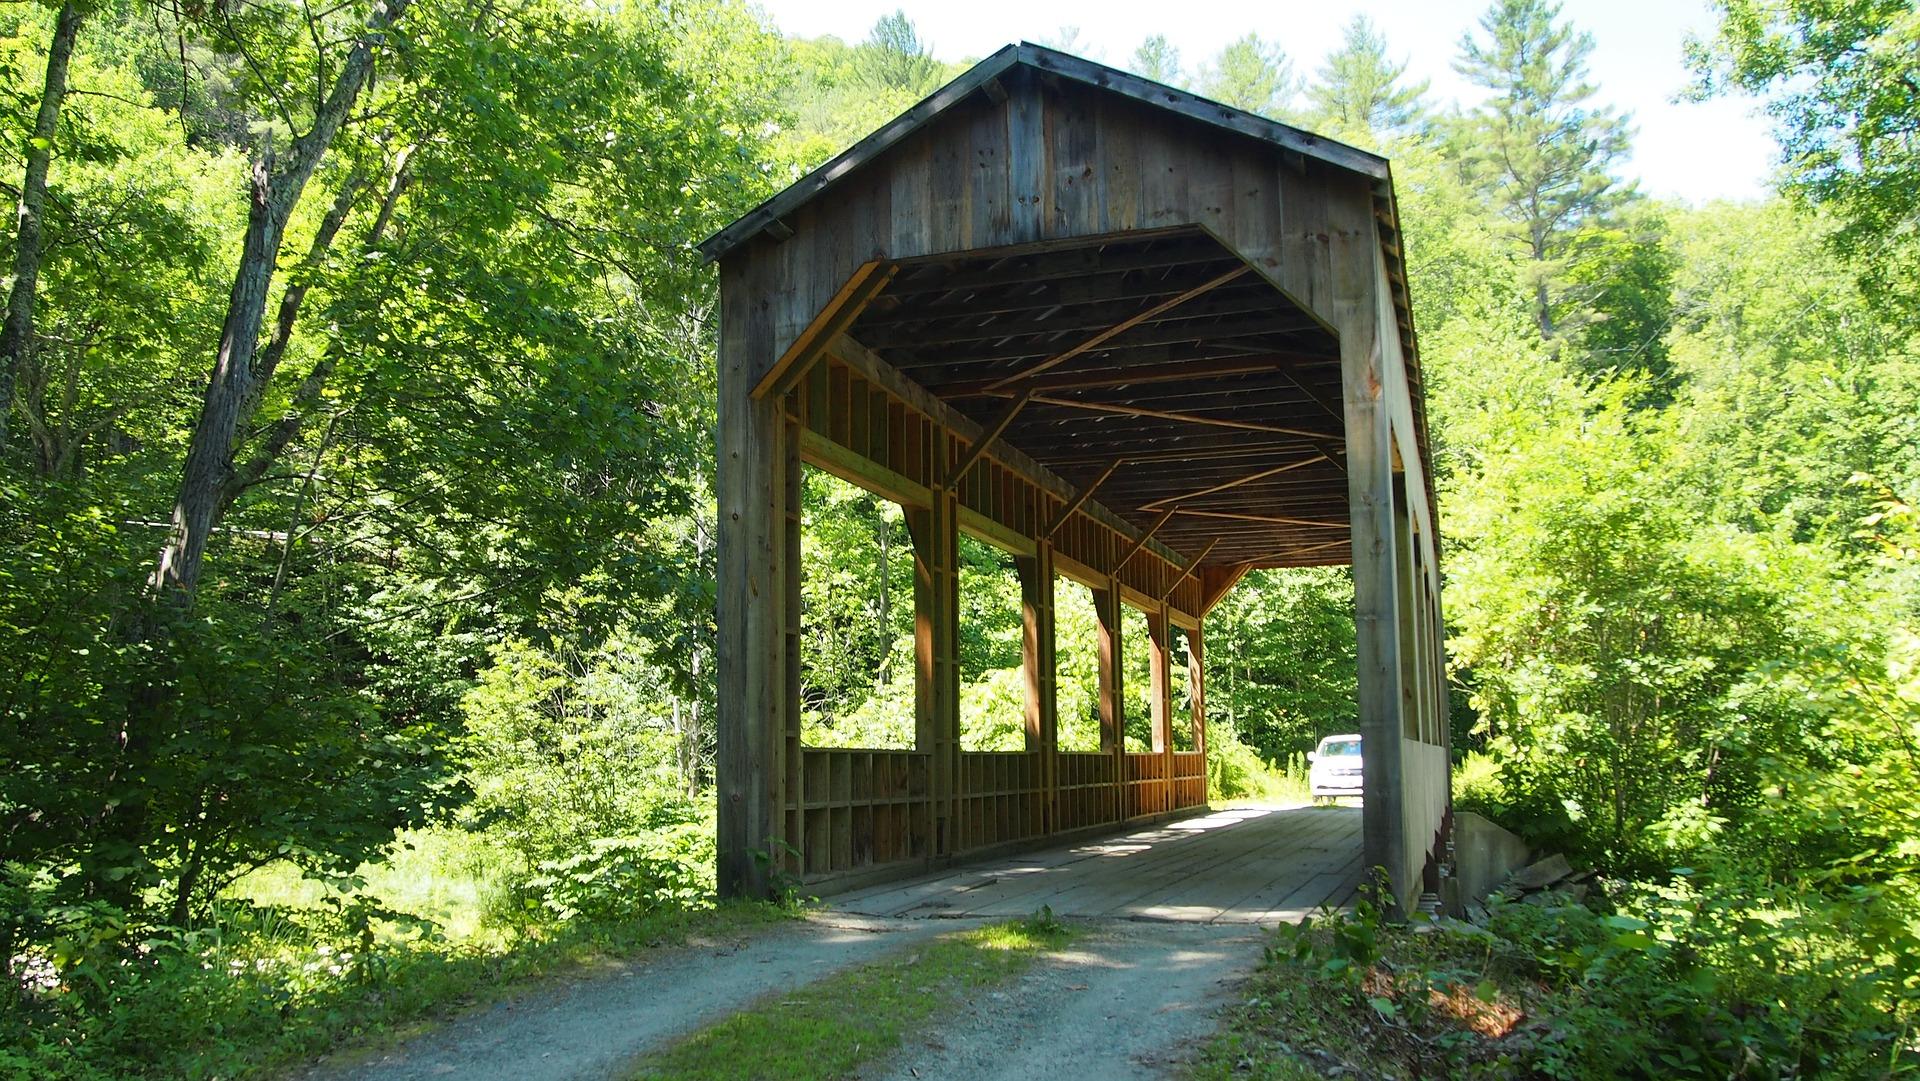 bridge-1537872_1920.jpg